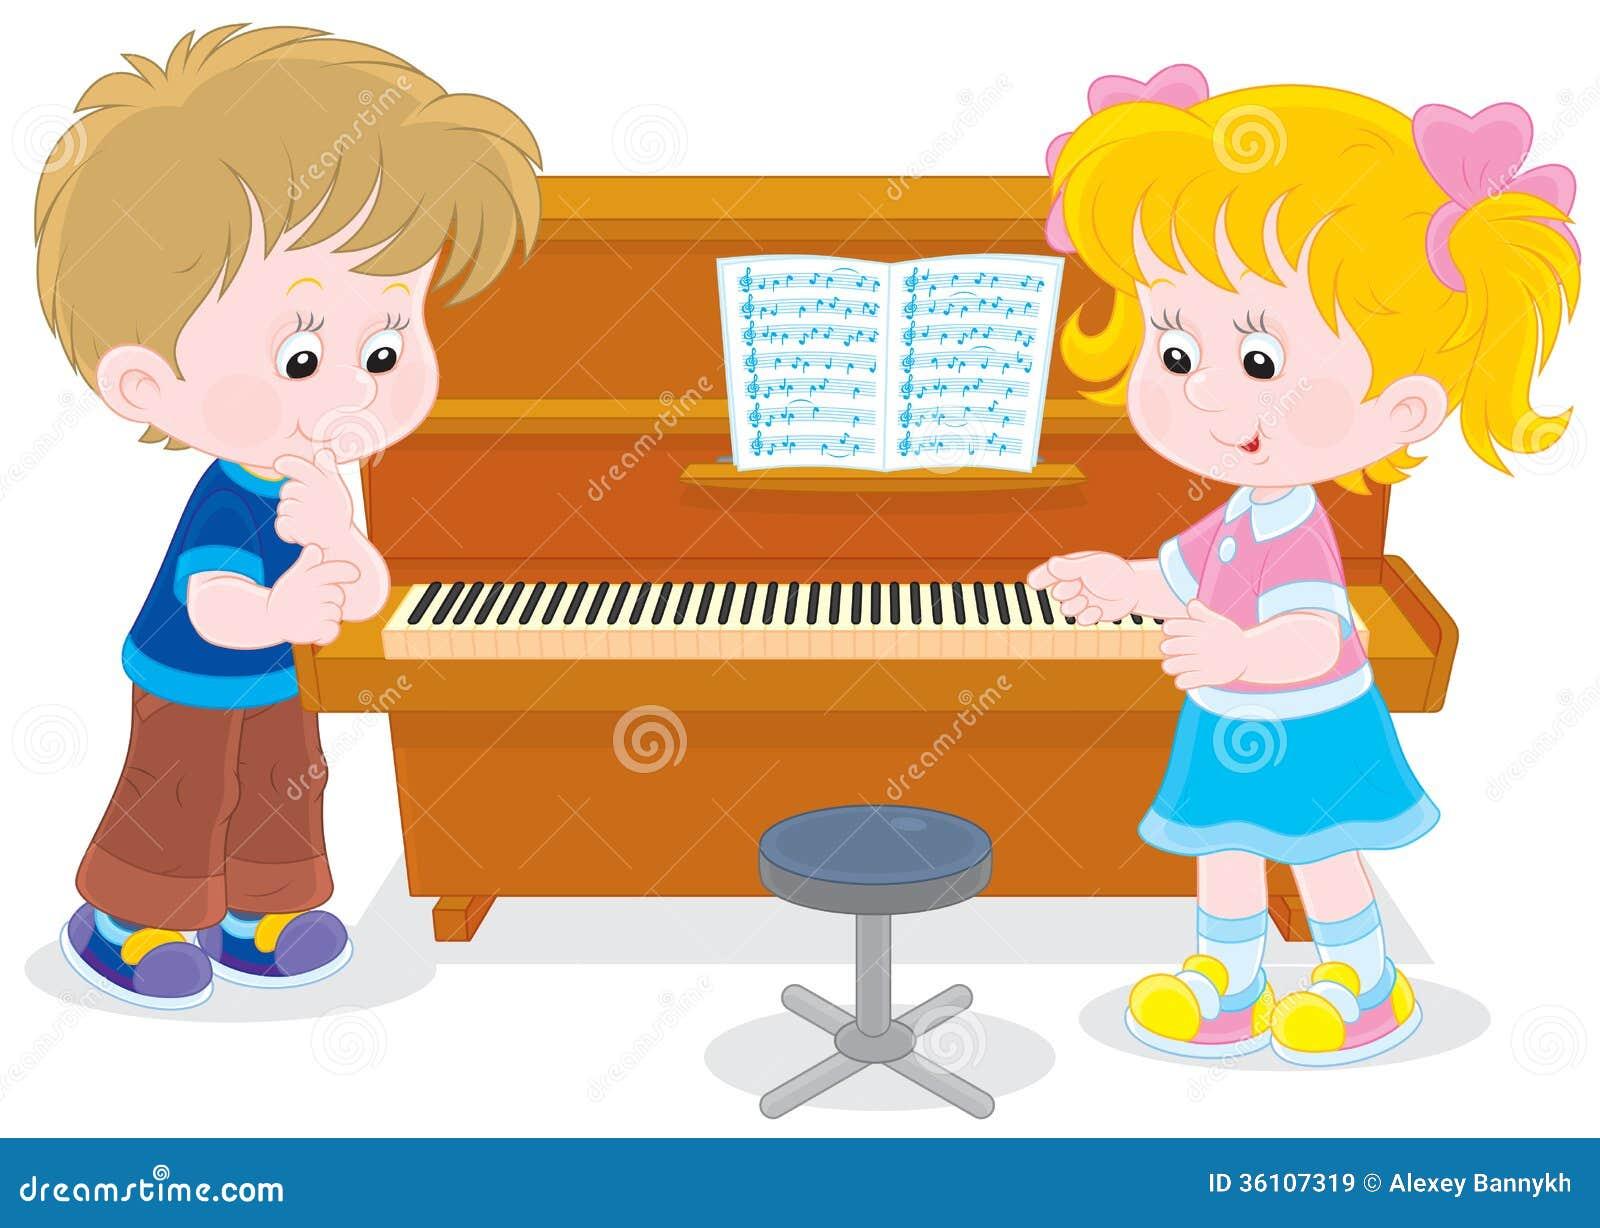 Картинки дети девочка и мальчик